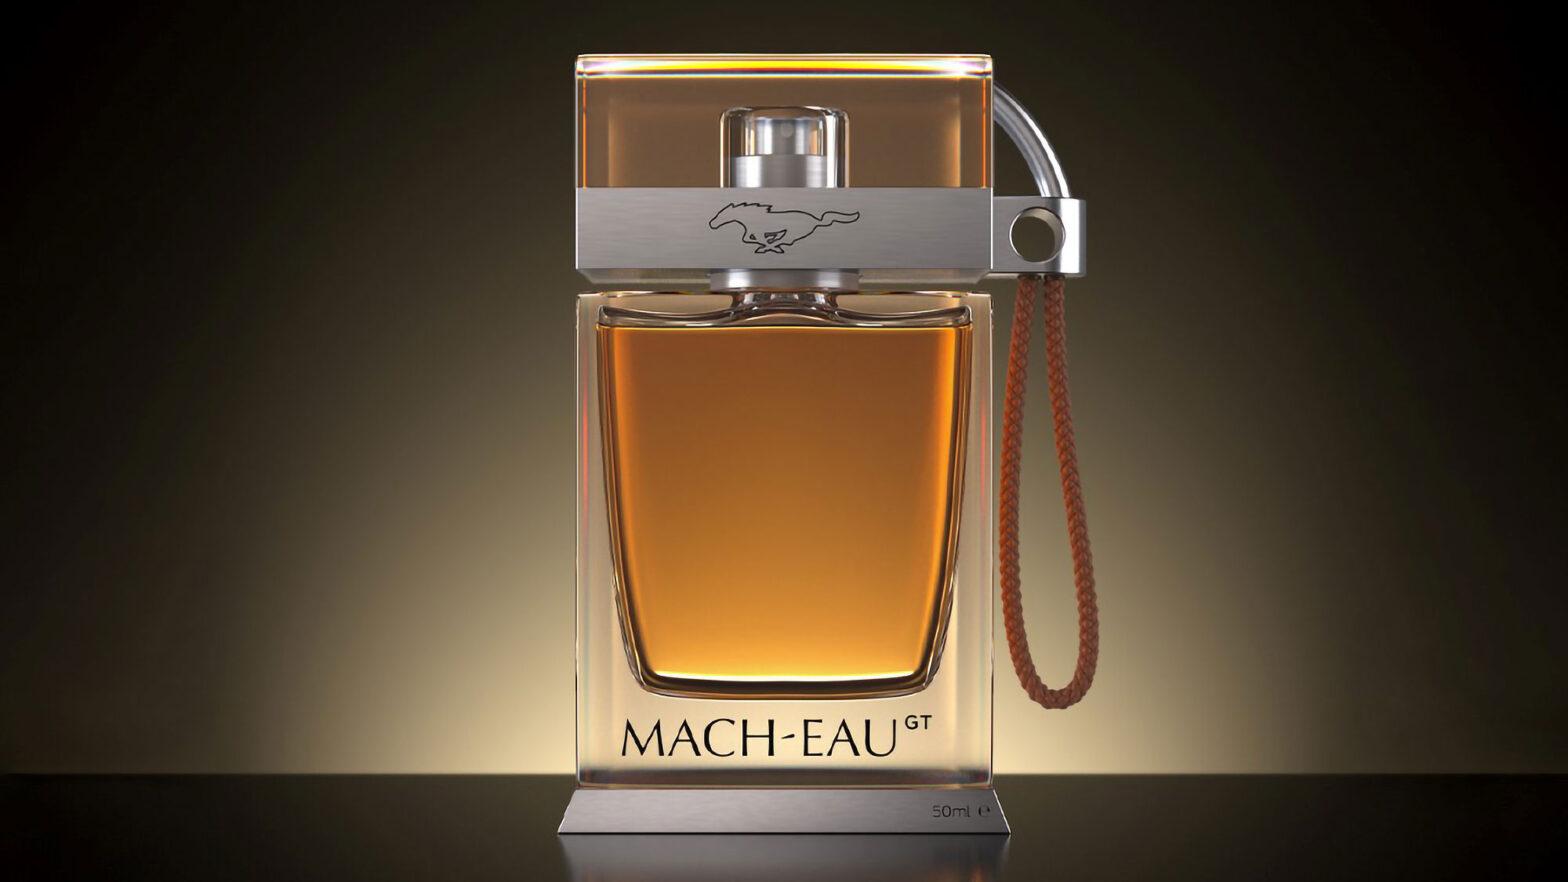 Ford Mach-Eau Perfume by Olfiction